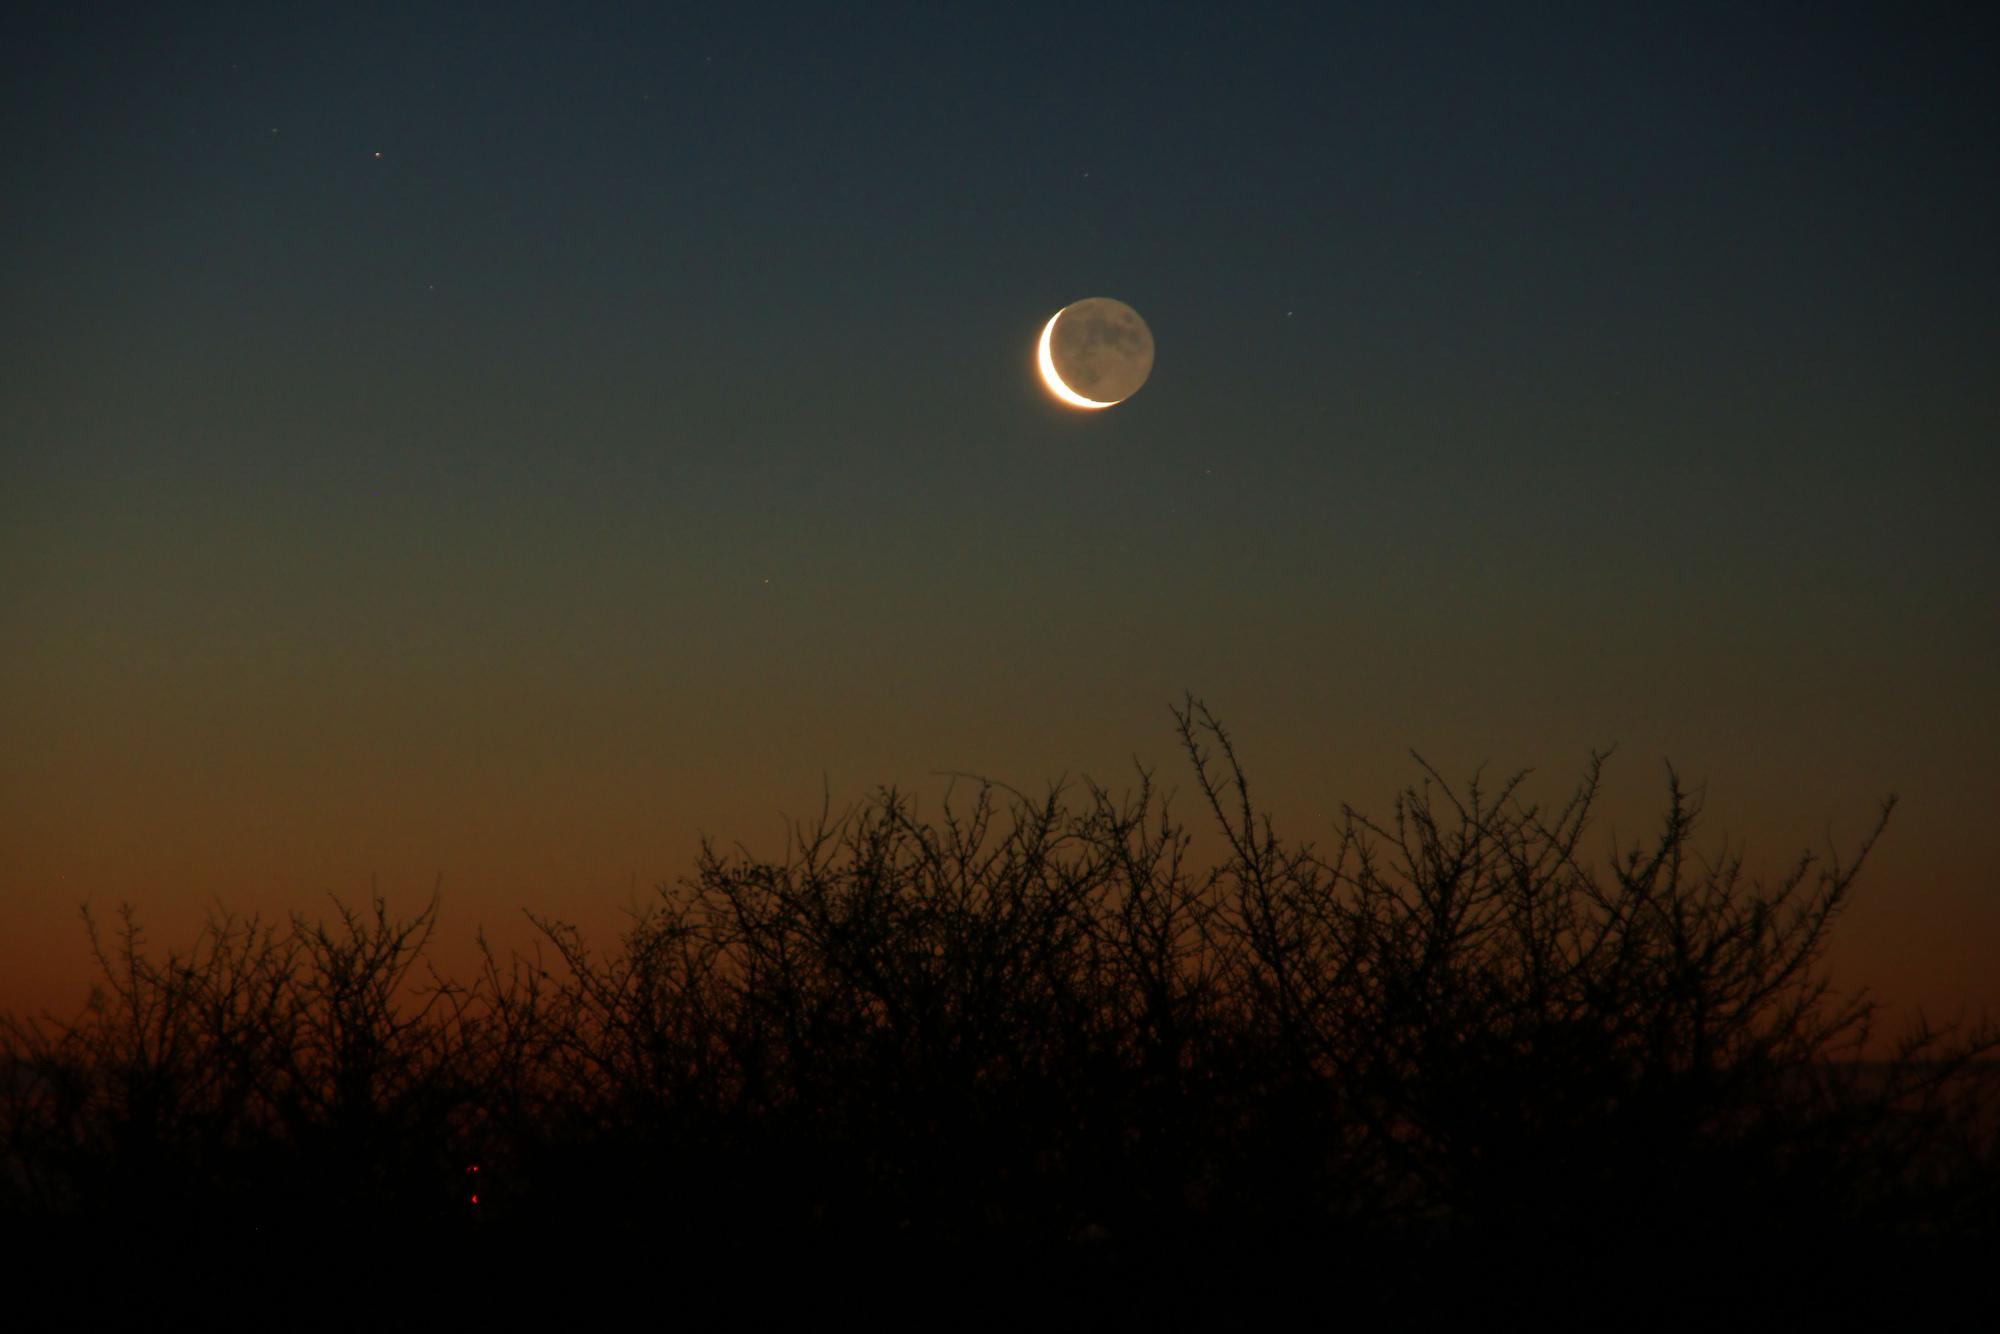 3 c Lune cendrée 1156B1N1 send.jpg